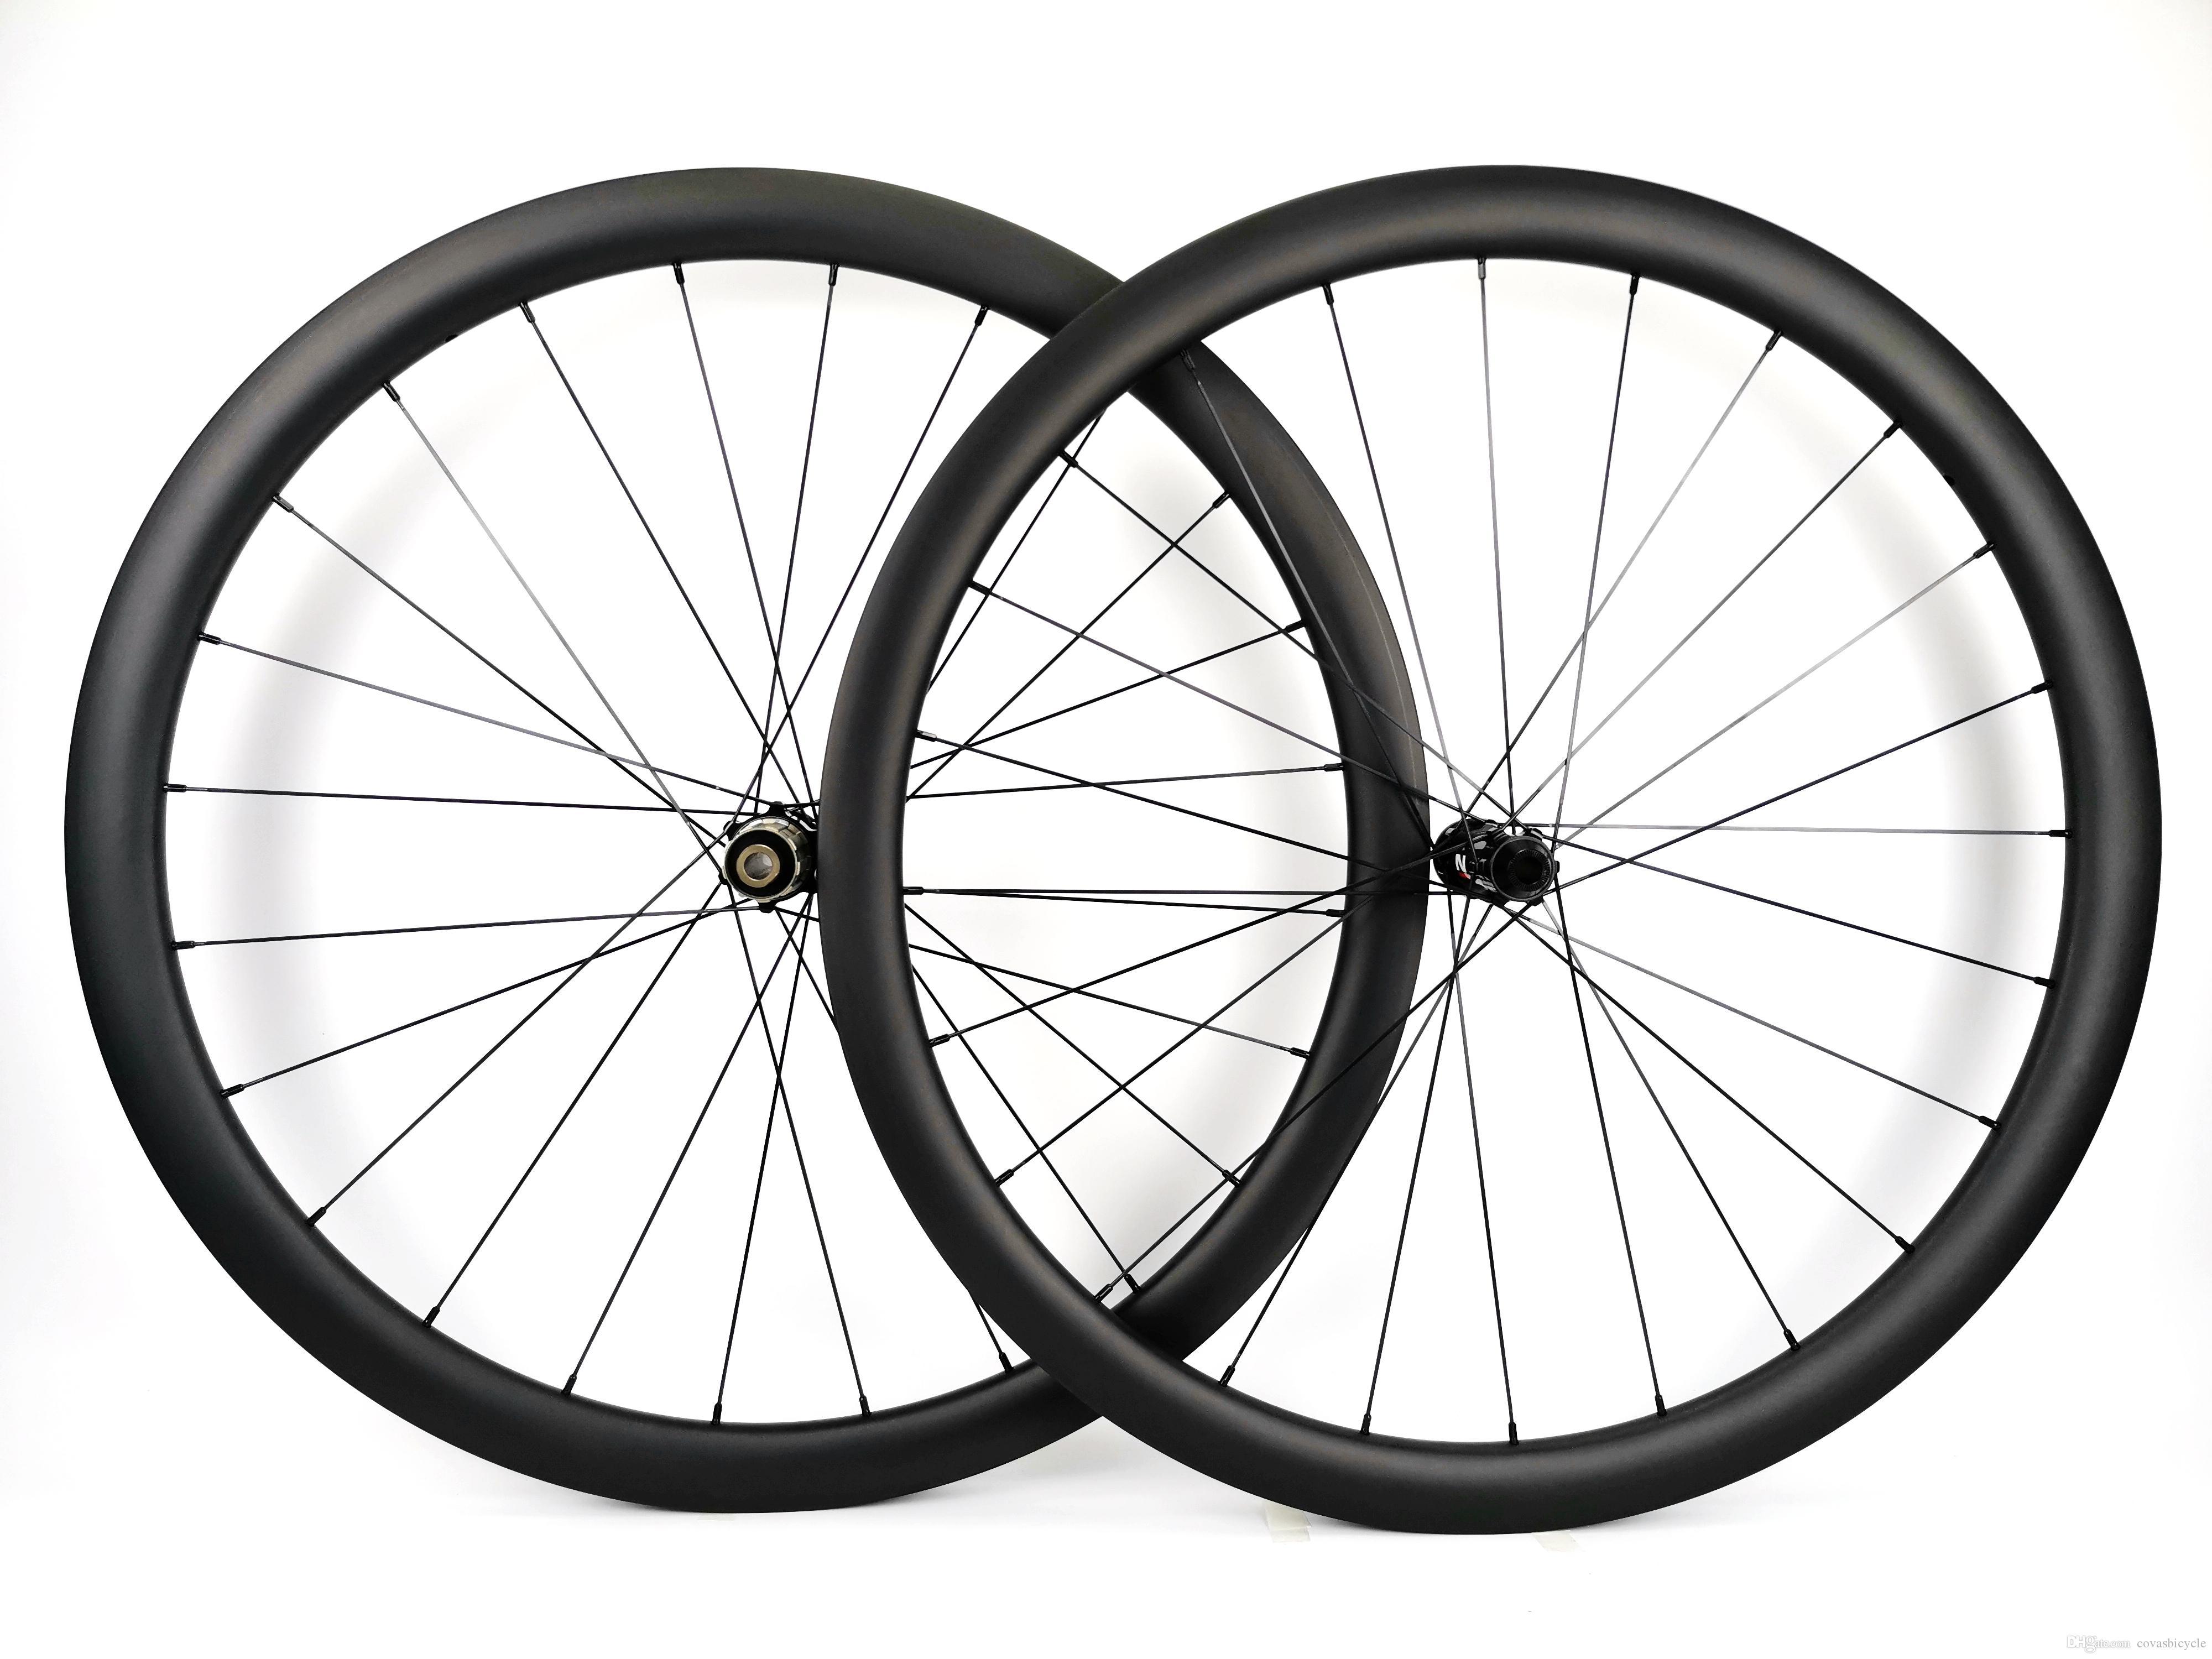 كامل عجلات من ألياف الكربون 700C 38MM عمق 25MM عرض الفاصلة / أنبوبي الطريق قرص الفرامل دراجة العجلات UD ماتي النهاية